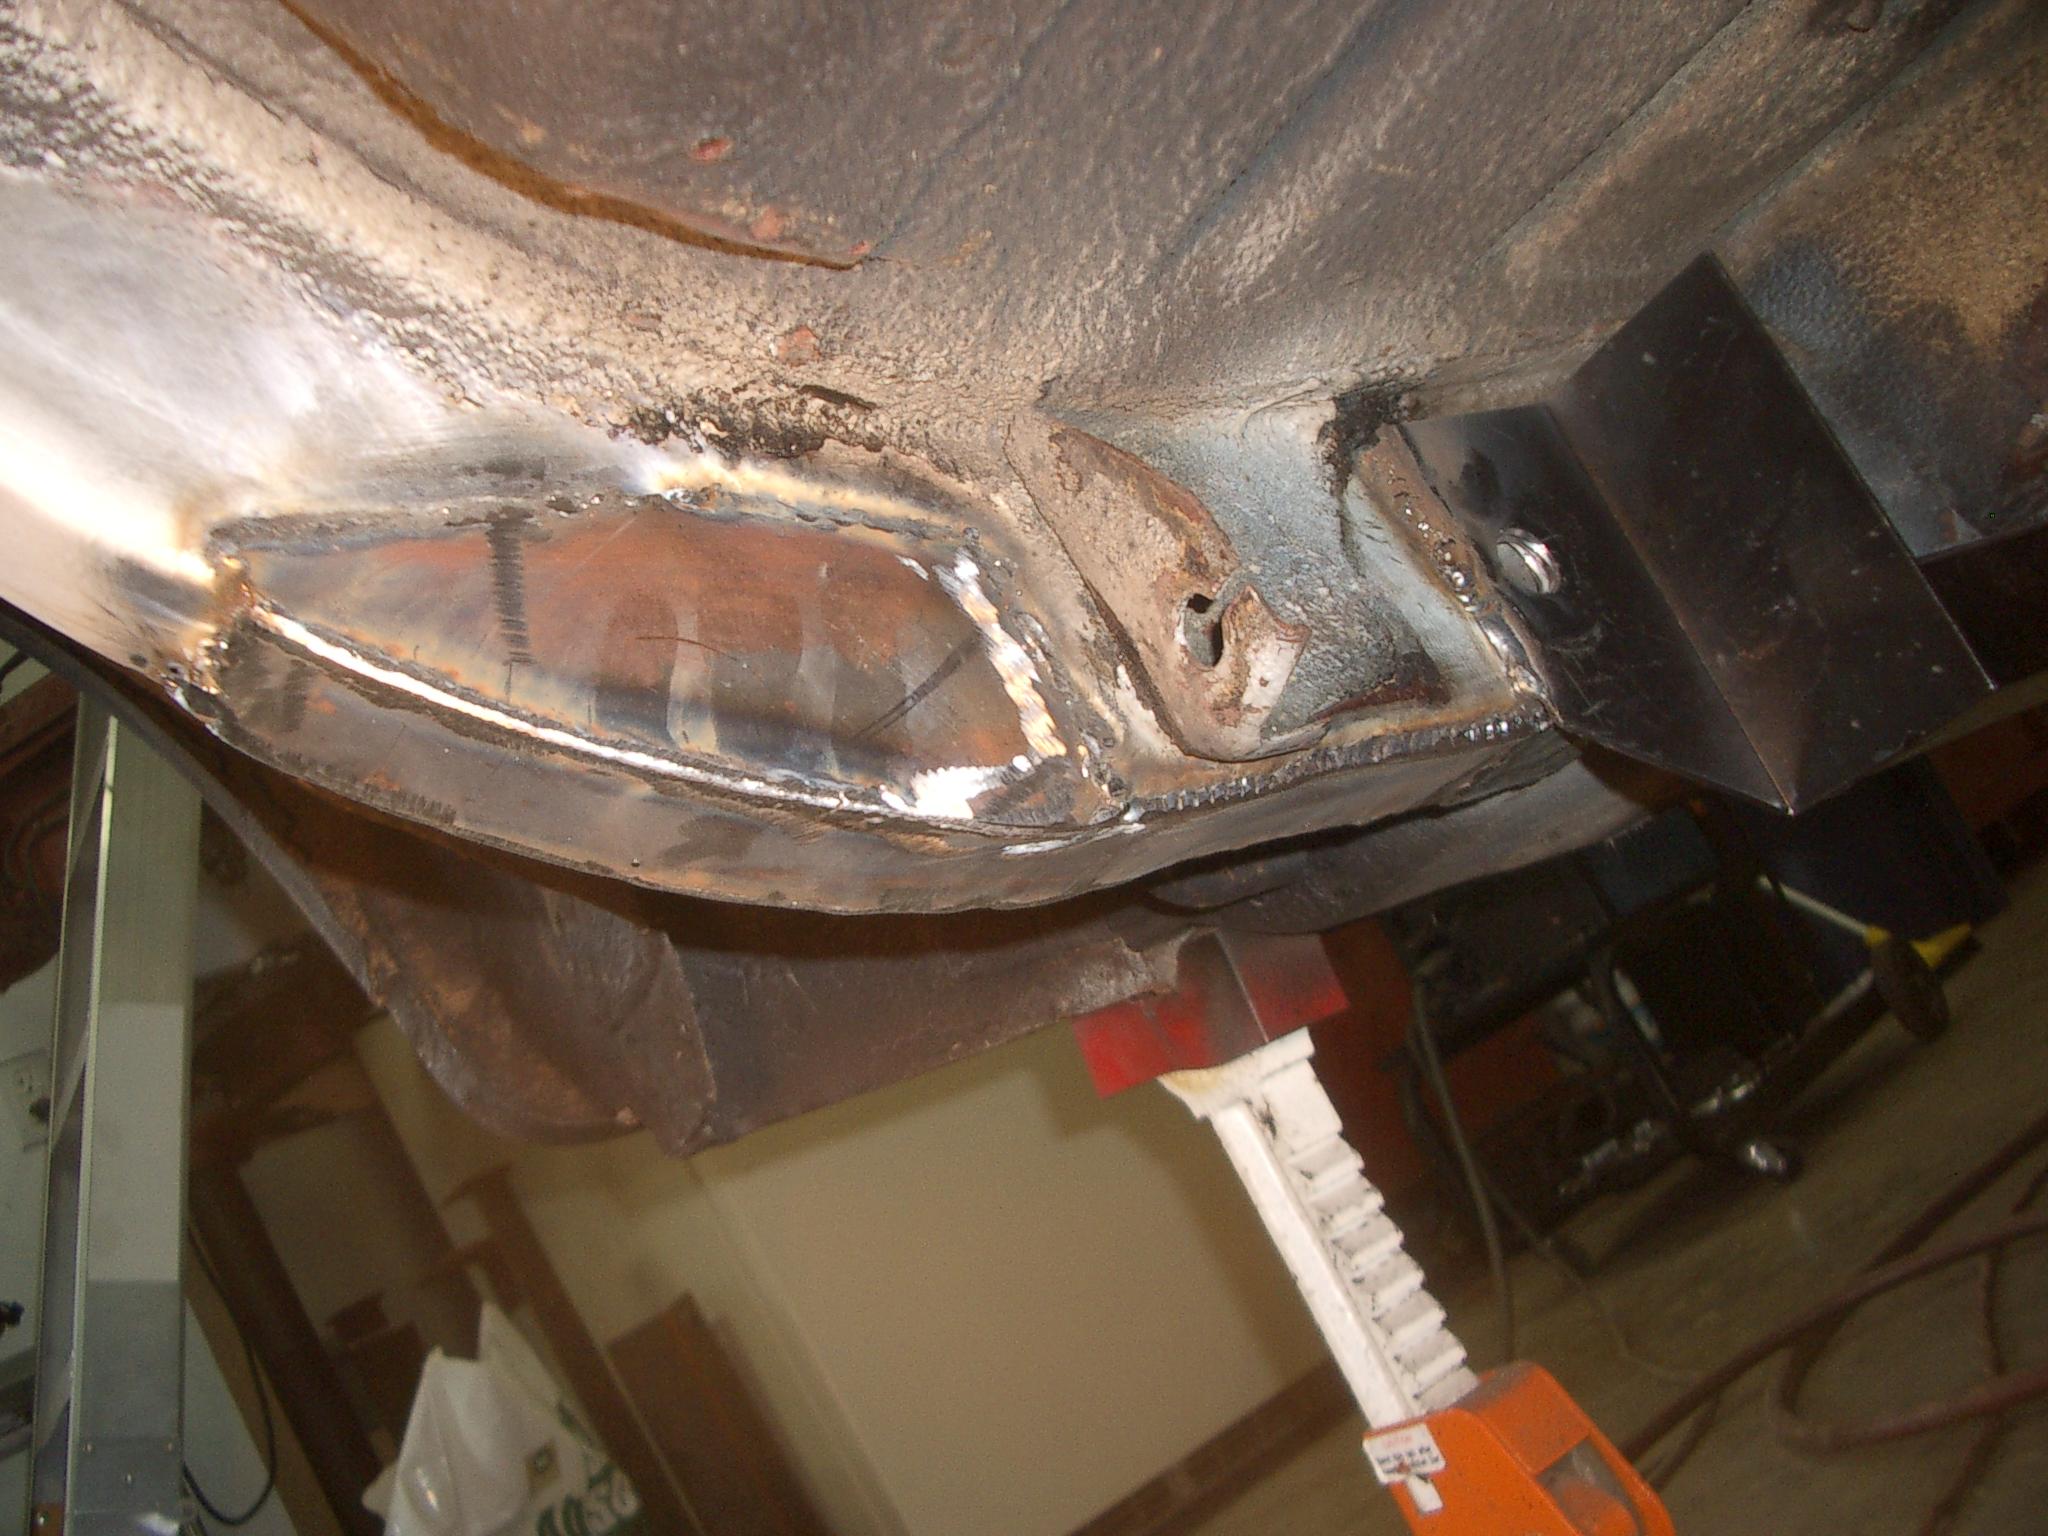 68 Mustang Front Frame Rail Repair.1965 Mustang Rust Repair Mustang ...